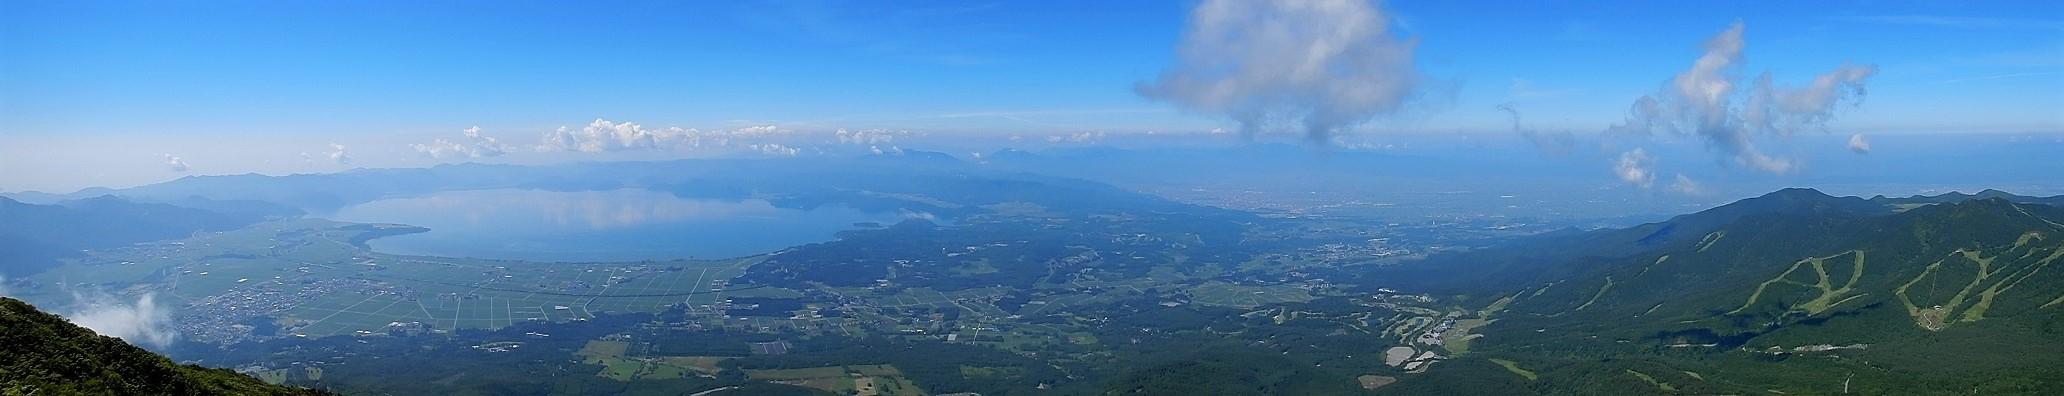 バンダイクワガタ咲く磐梯山へ ~ 2019年6月26日_f0170180_17200685.jpg